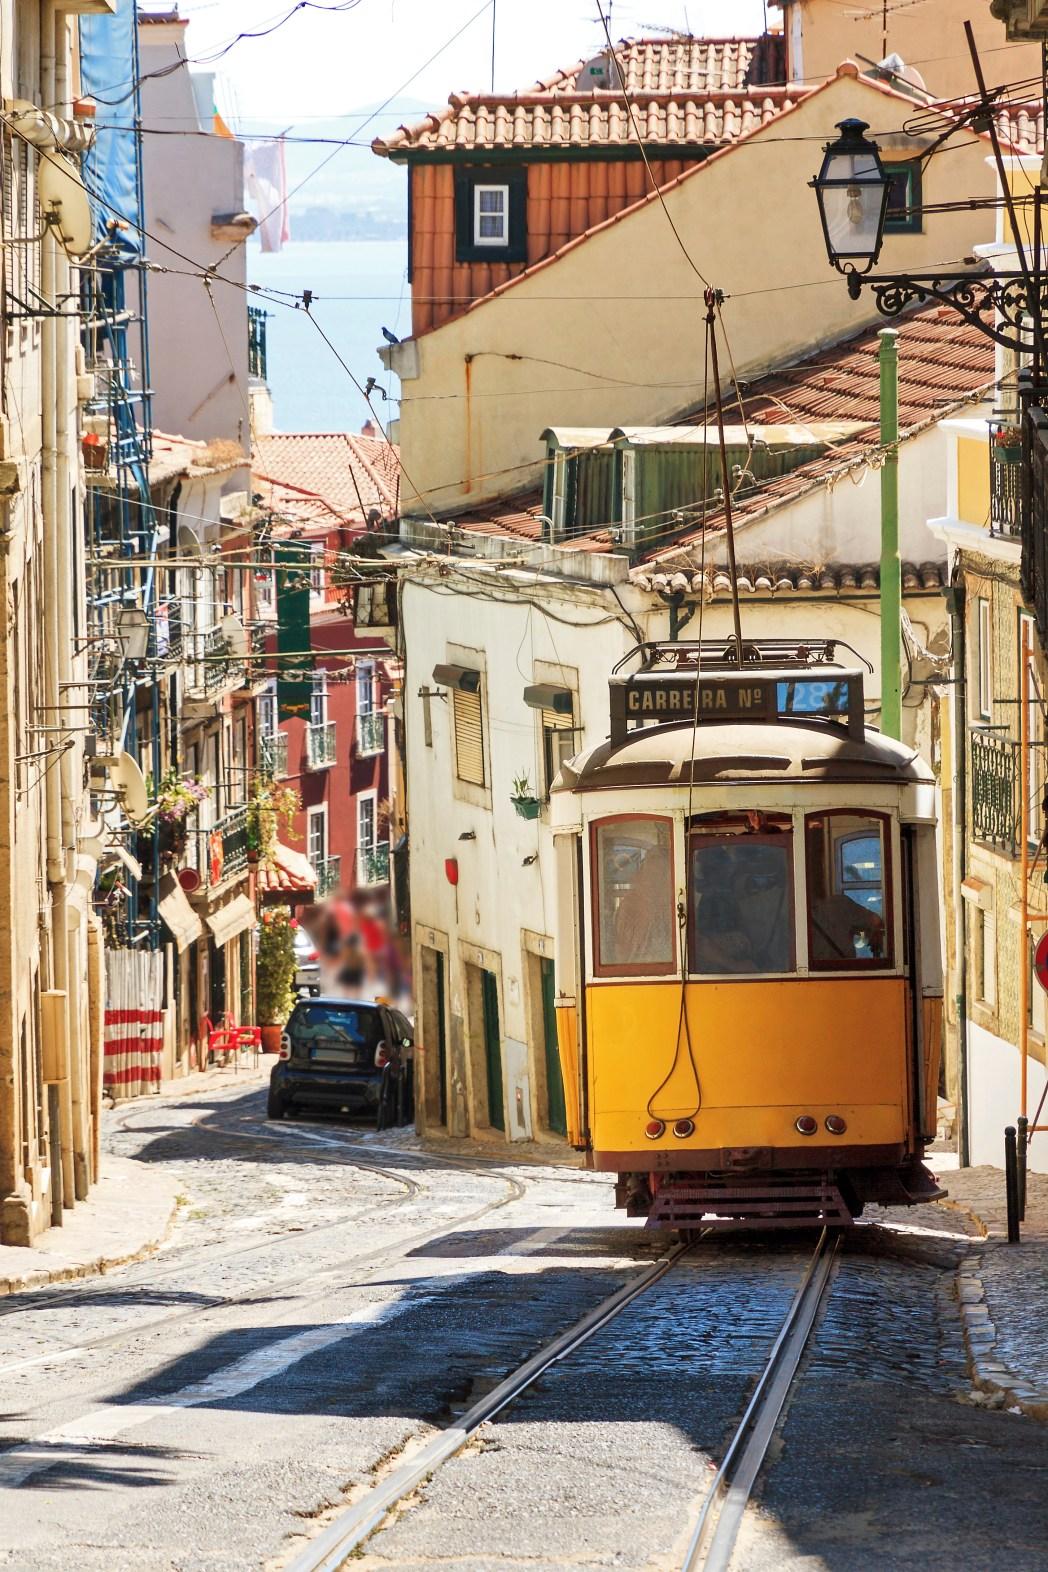 Κίτρινο τραμ ανεβαίνει σοκάκι της Λισαβόνας - οι καλύτεροι φθινοπωρινοί προορισμοί